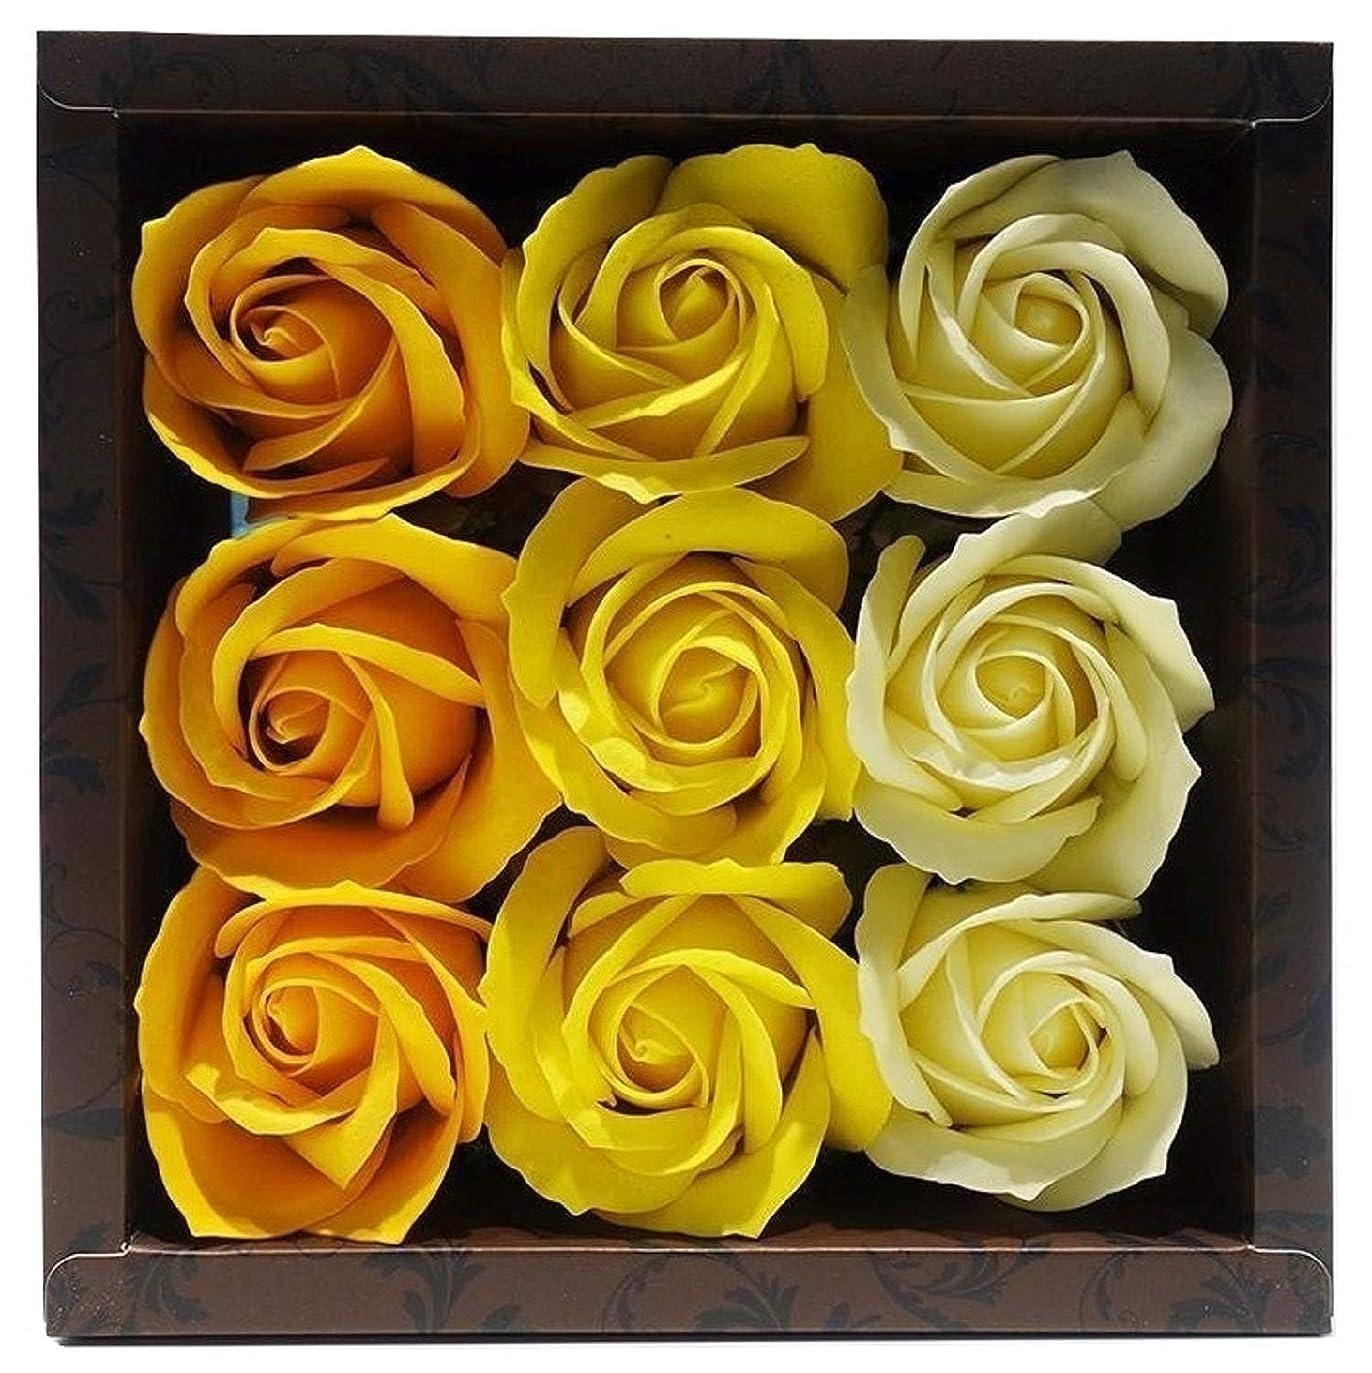 よろしく喜劇提供バスフレグランス バスフラワー ローズフレグランス イエローカラー ギフト お花の形の入浴剤